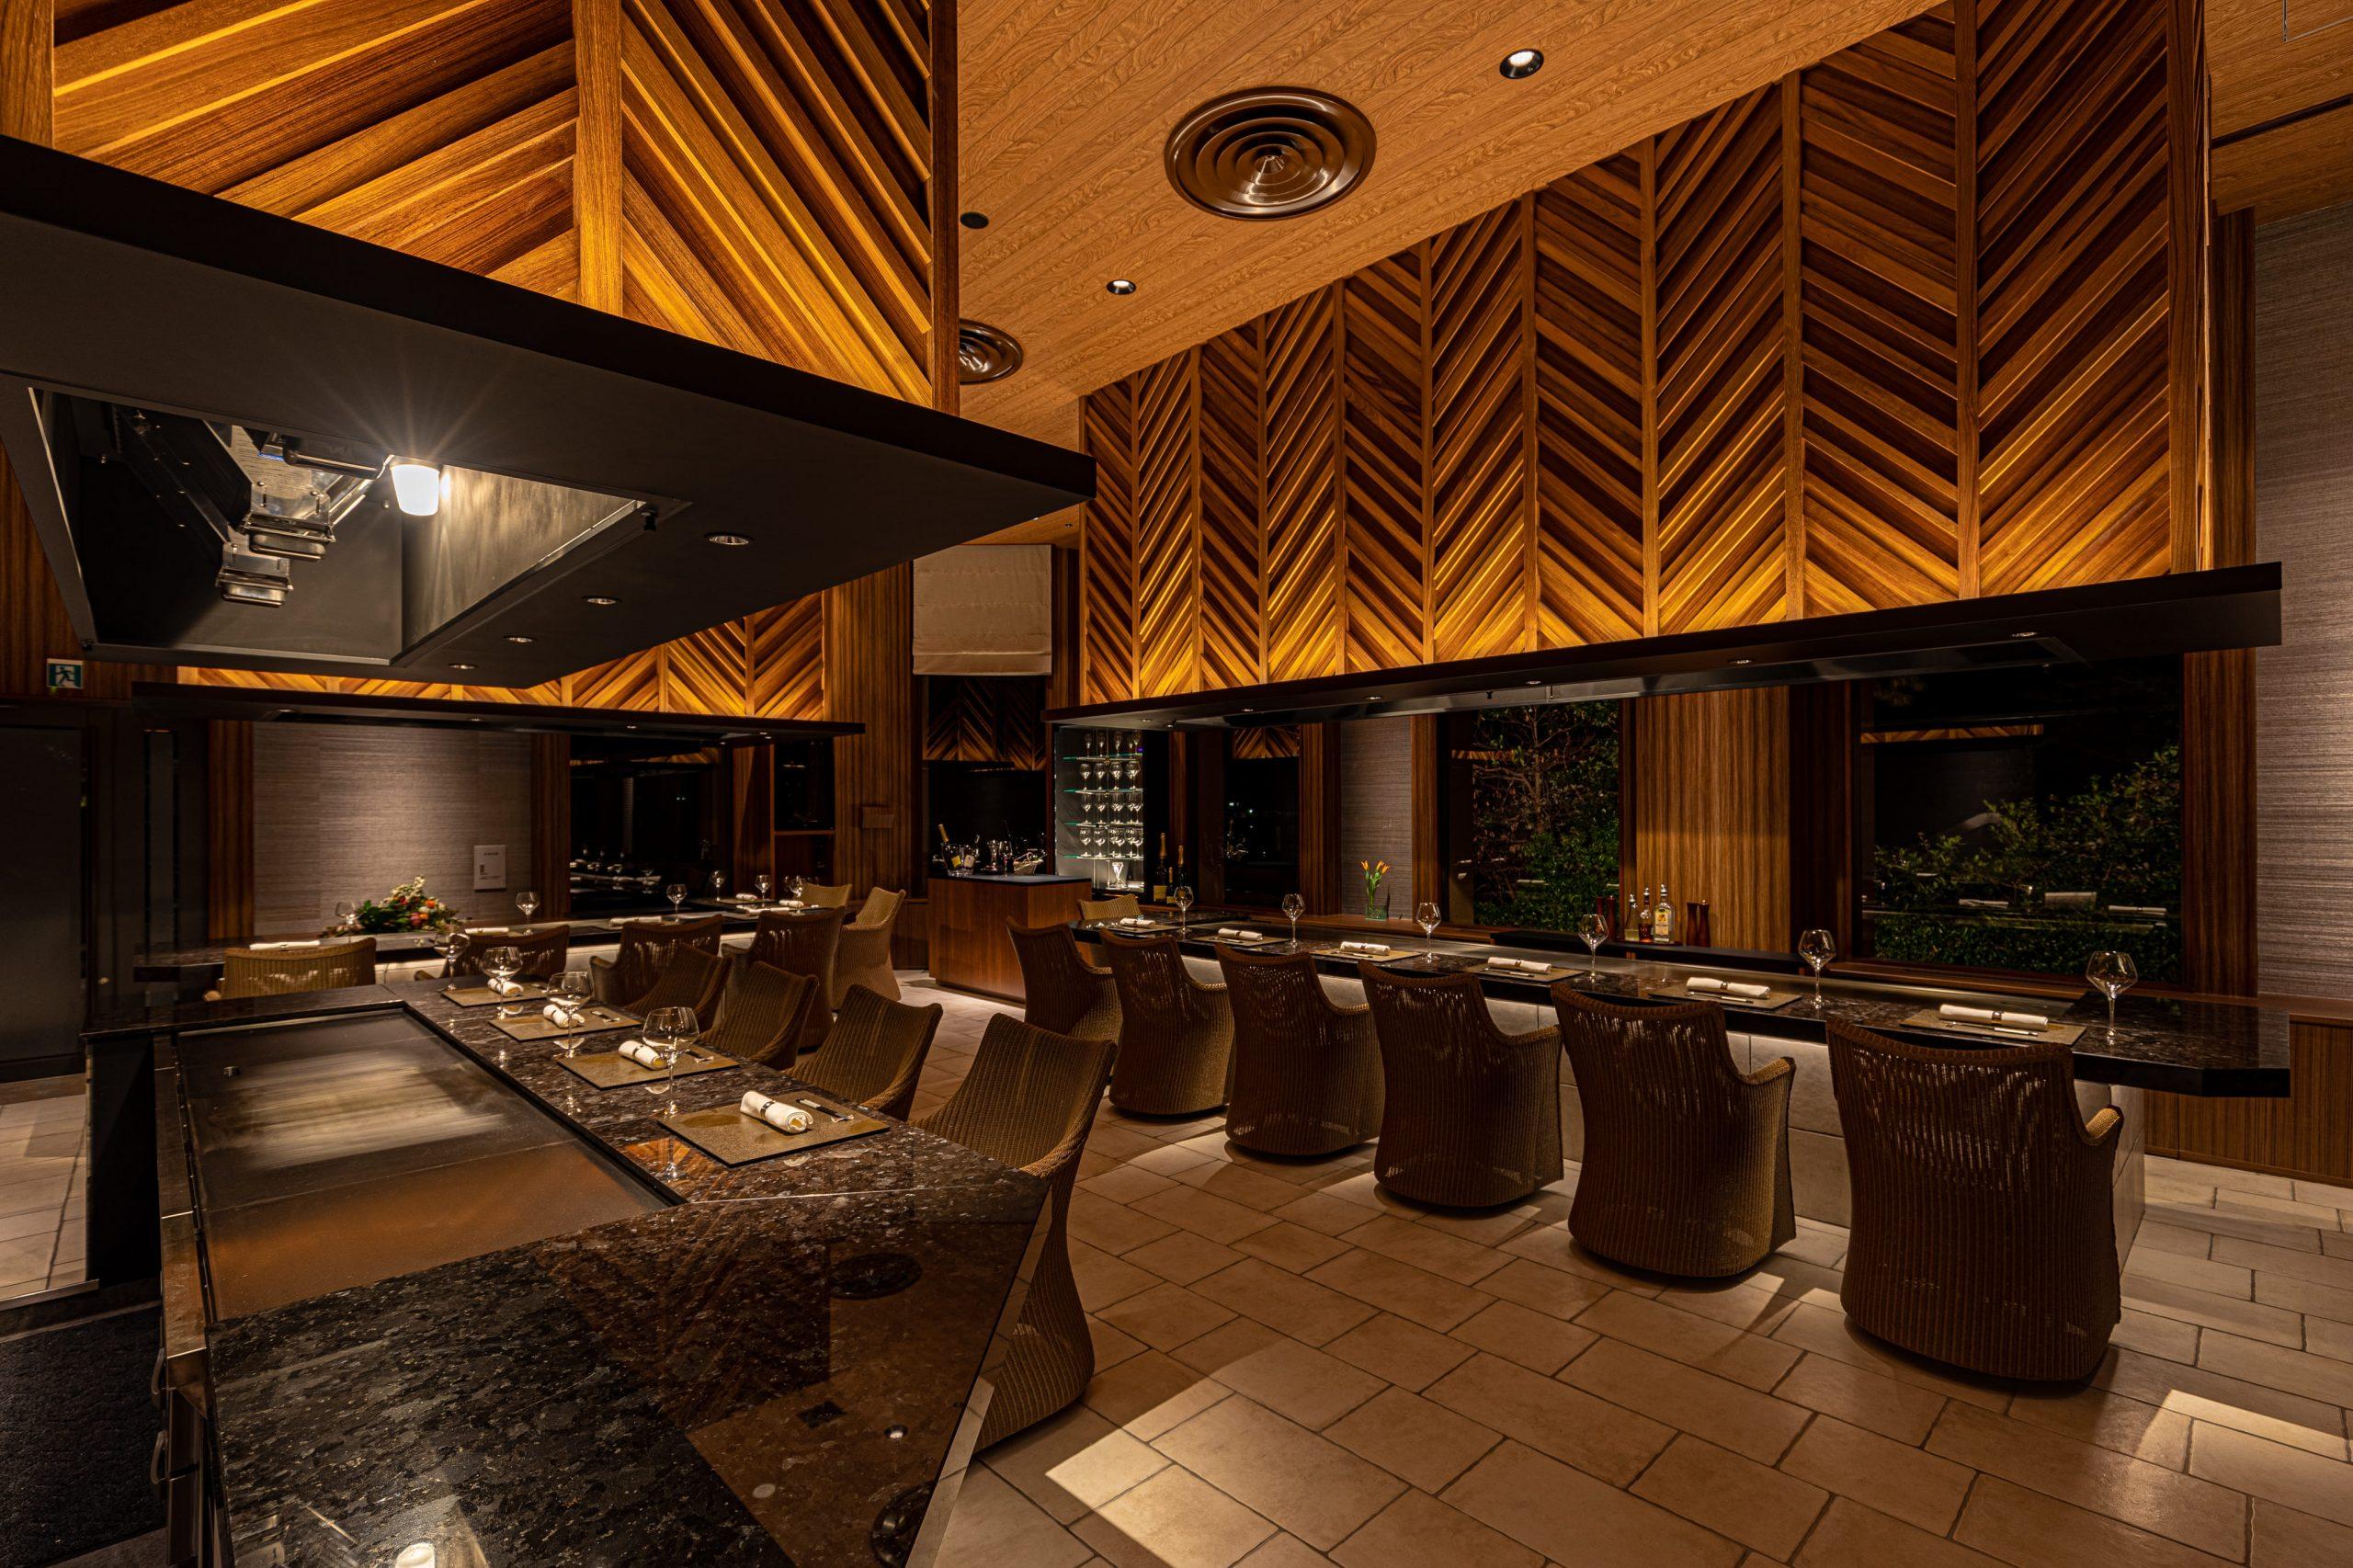 鉄板焼「潮砂亭」 熟練のシェフが伊豆・今井浜ならではの食材を目の前で調理する鉄板焼レストラン。五感を刺激するお食事をお愉しみください